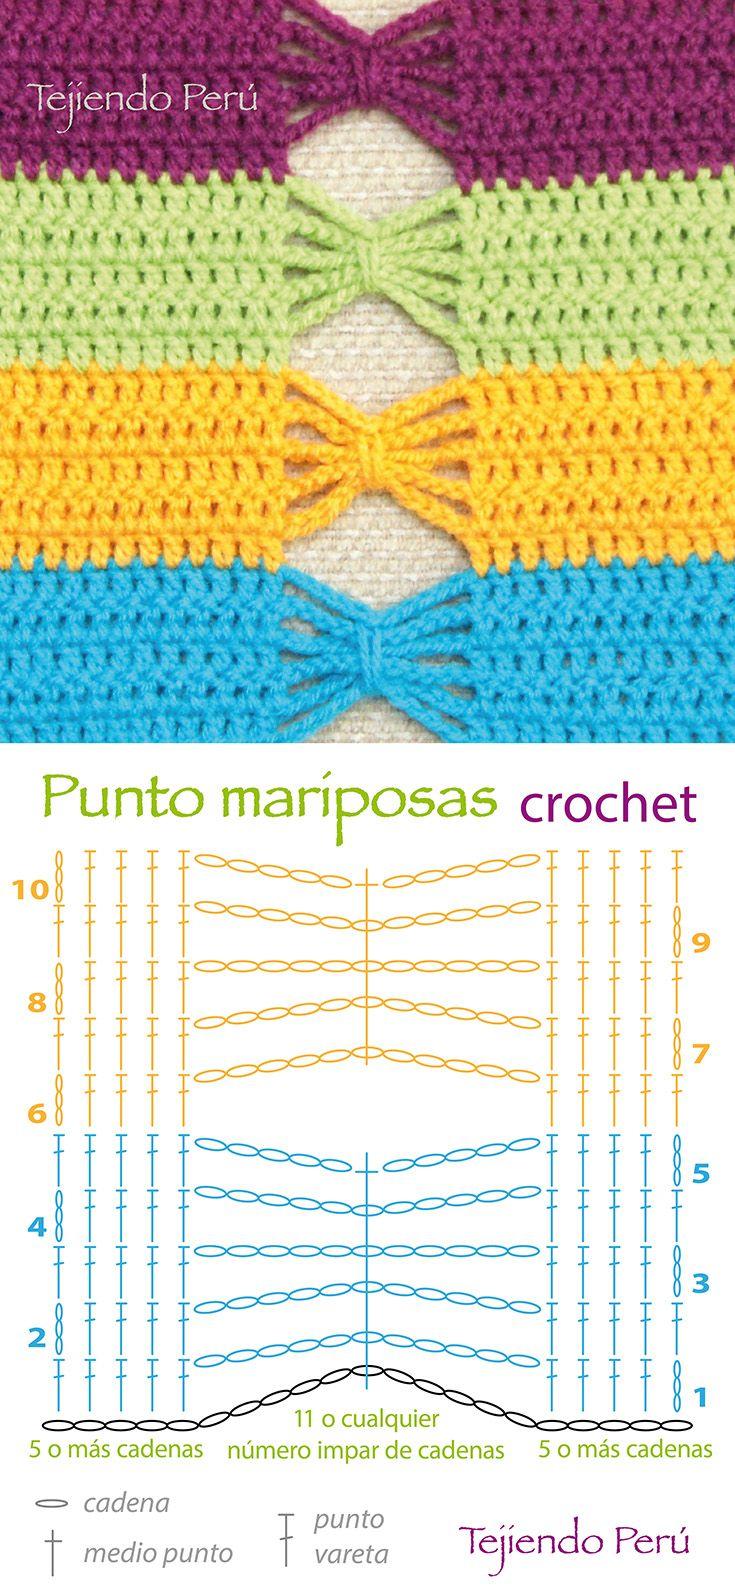 Crochet: punto mariposas! Diagrama o patrón... pueden variar el número de cadenas e hileras de las mariposas. También pueden reemplazar las varetas de los costados por medio puntos o media varetas!